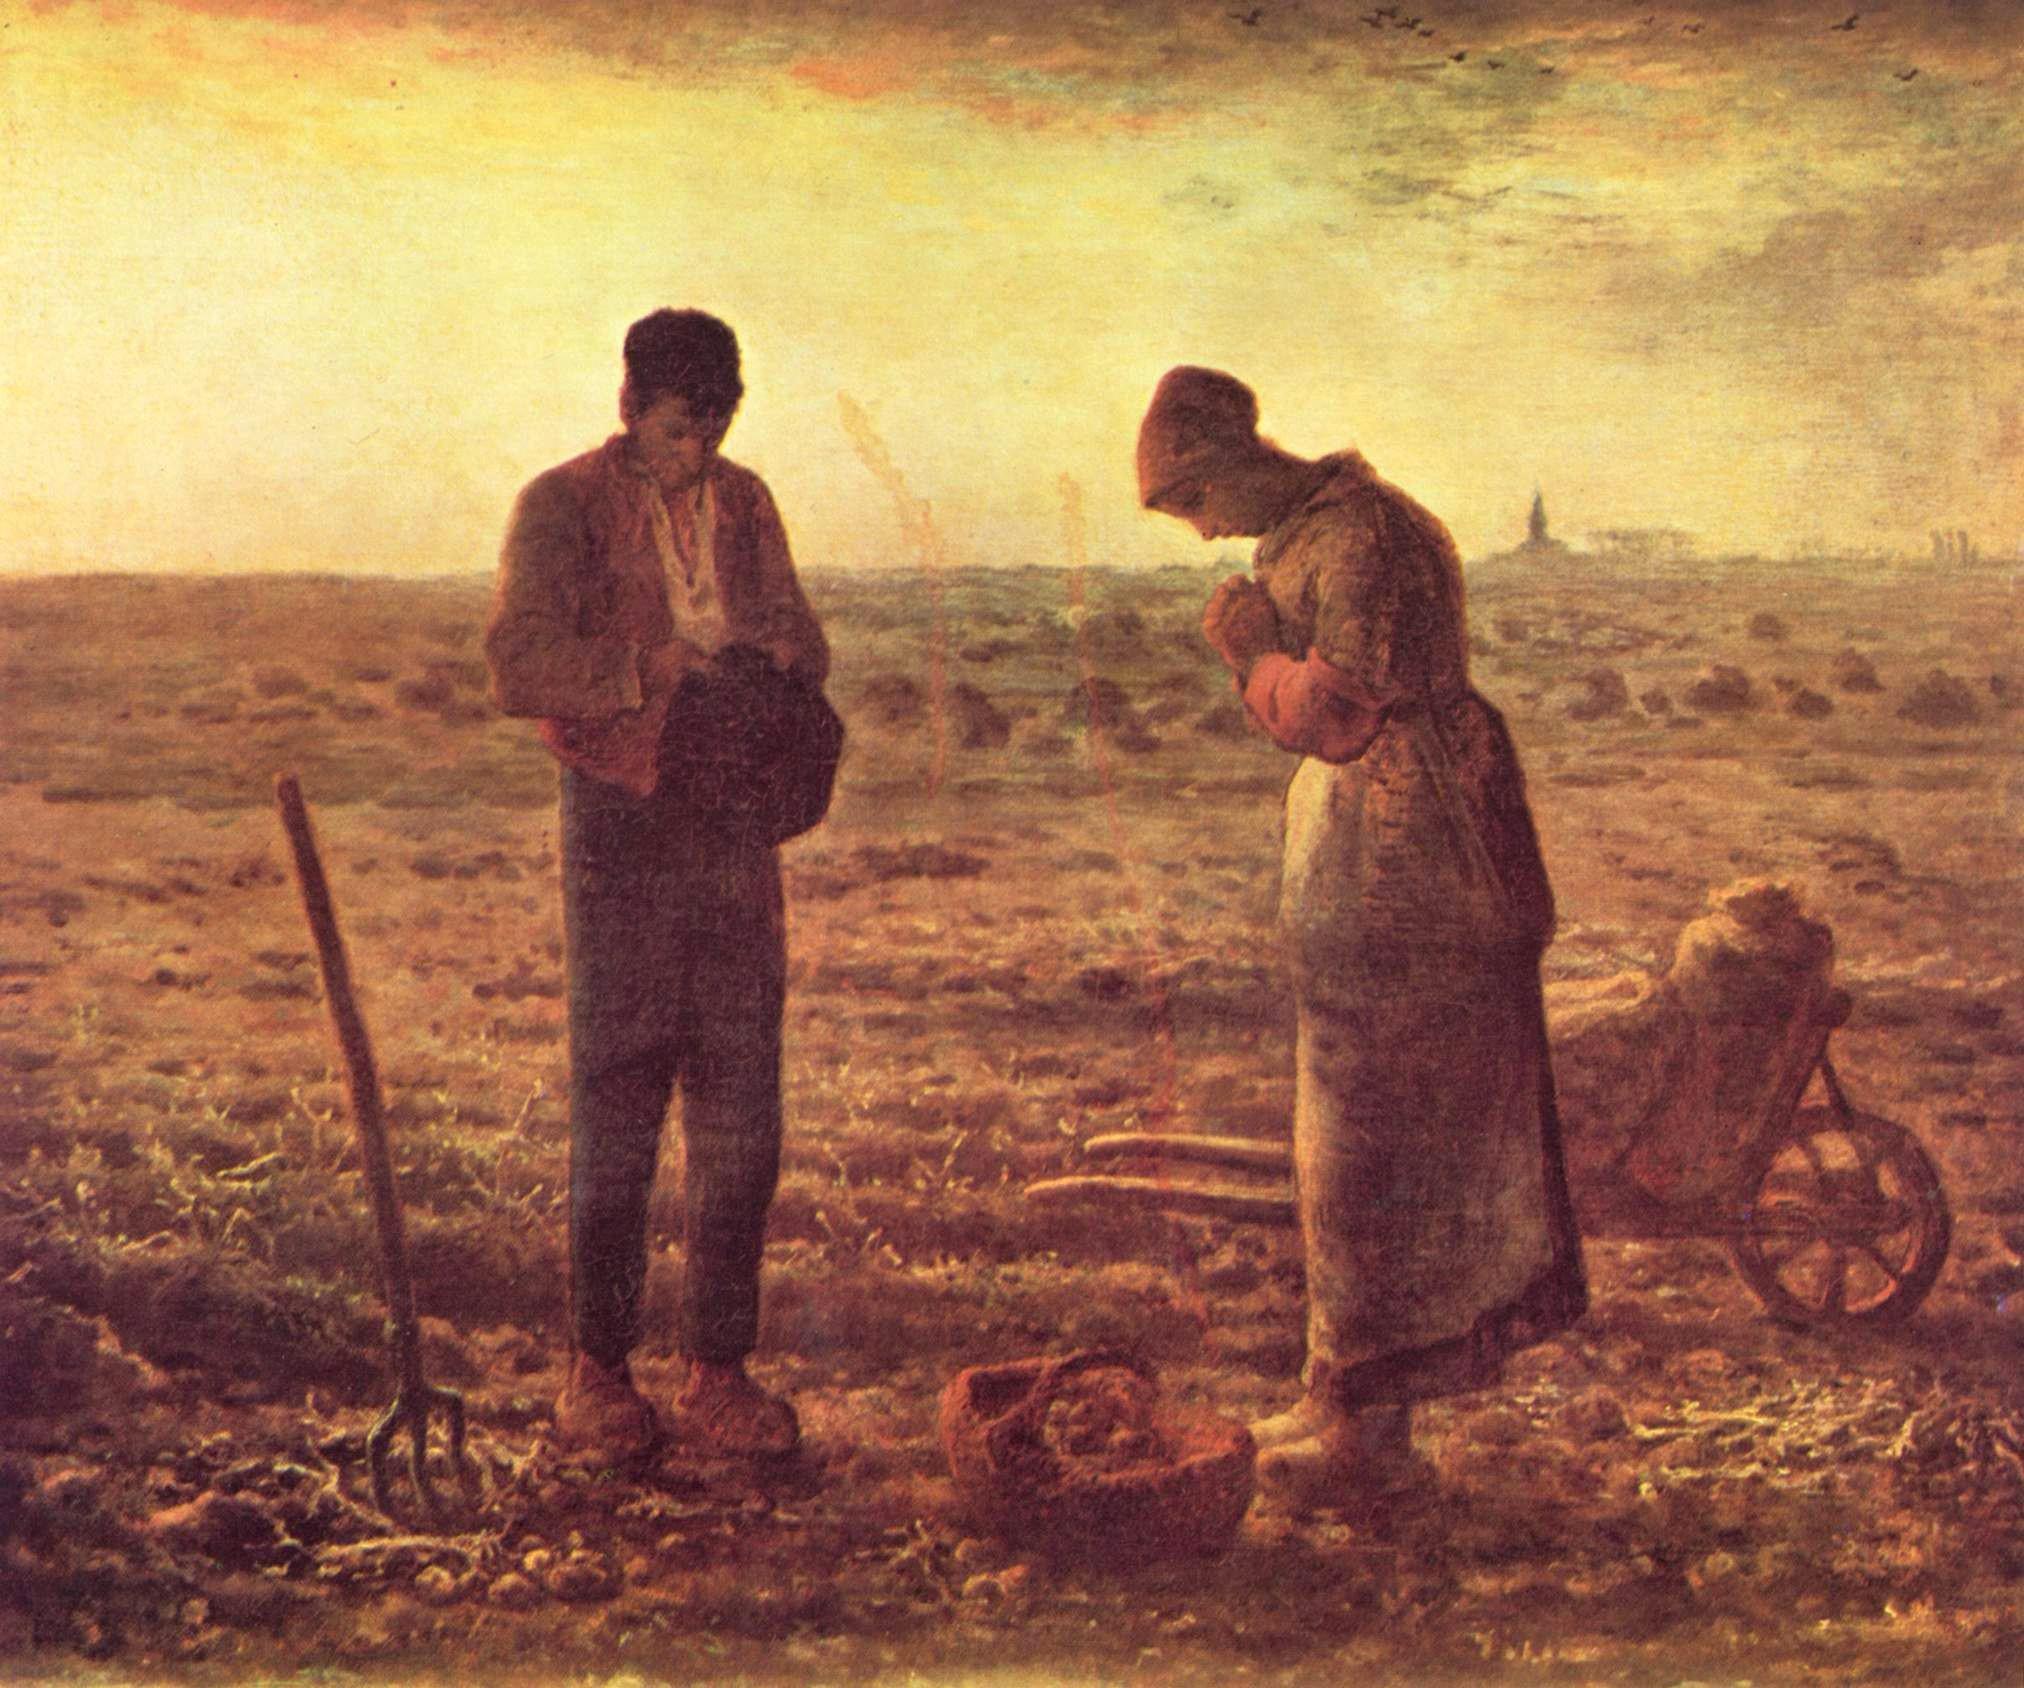 Fig. 23 –Jean-François Millet, L'Angelus, 1857-59